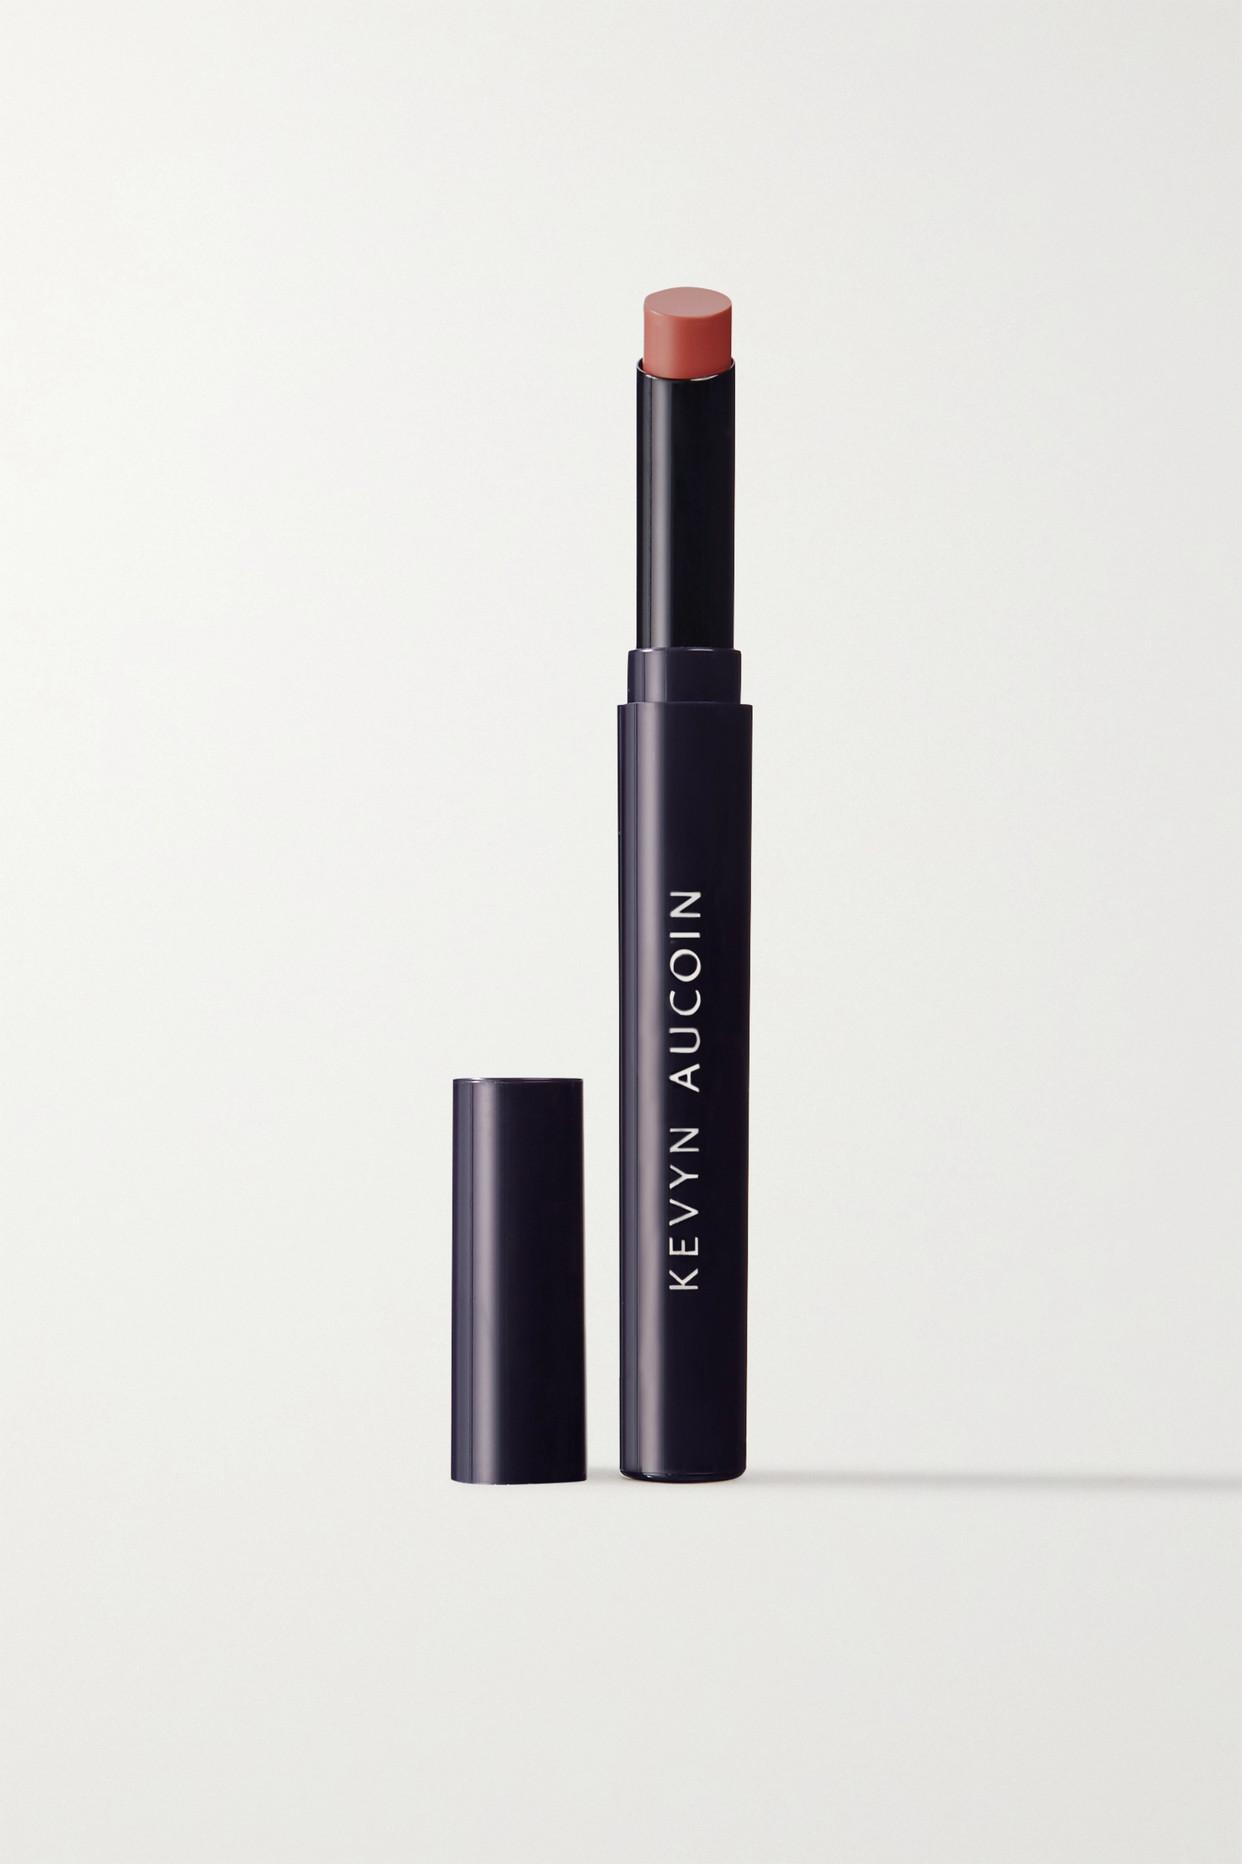 KEVYN AUCOIN - Unforgettable Lipstick - Modern Love - Pink - one size